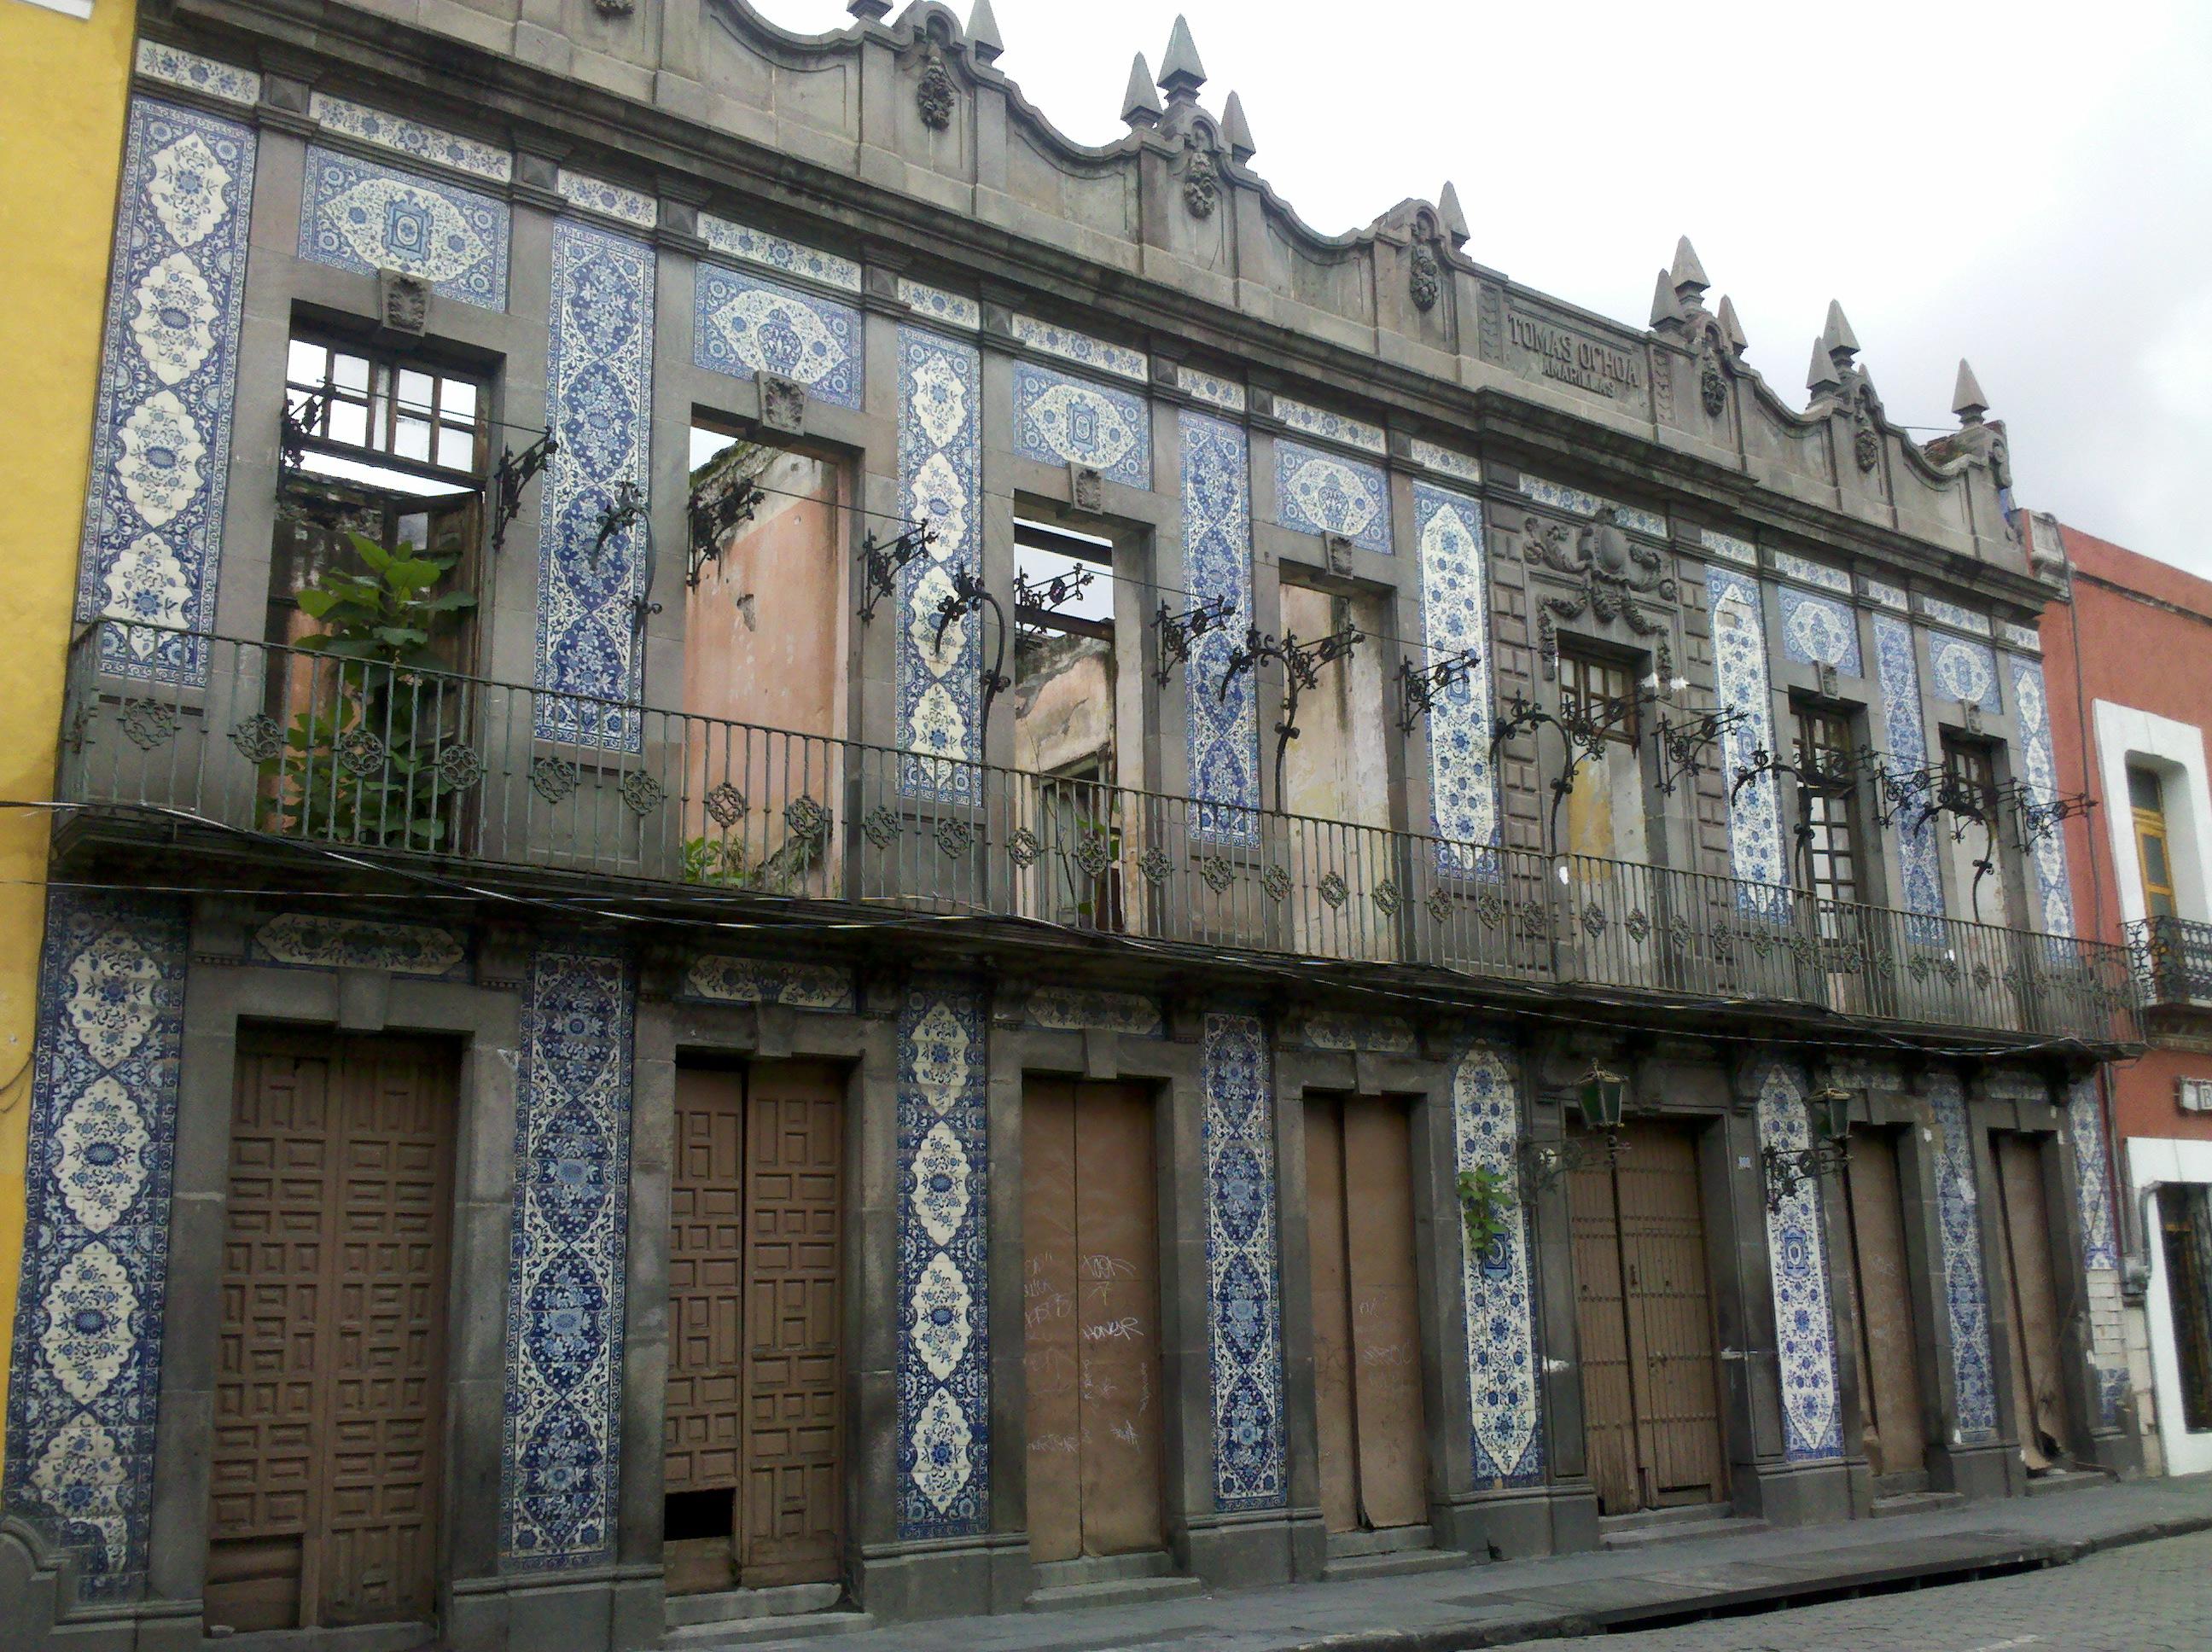 FileCasa de los Azulejos Pueblajpg  Wikimedia Commons